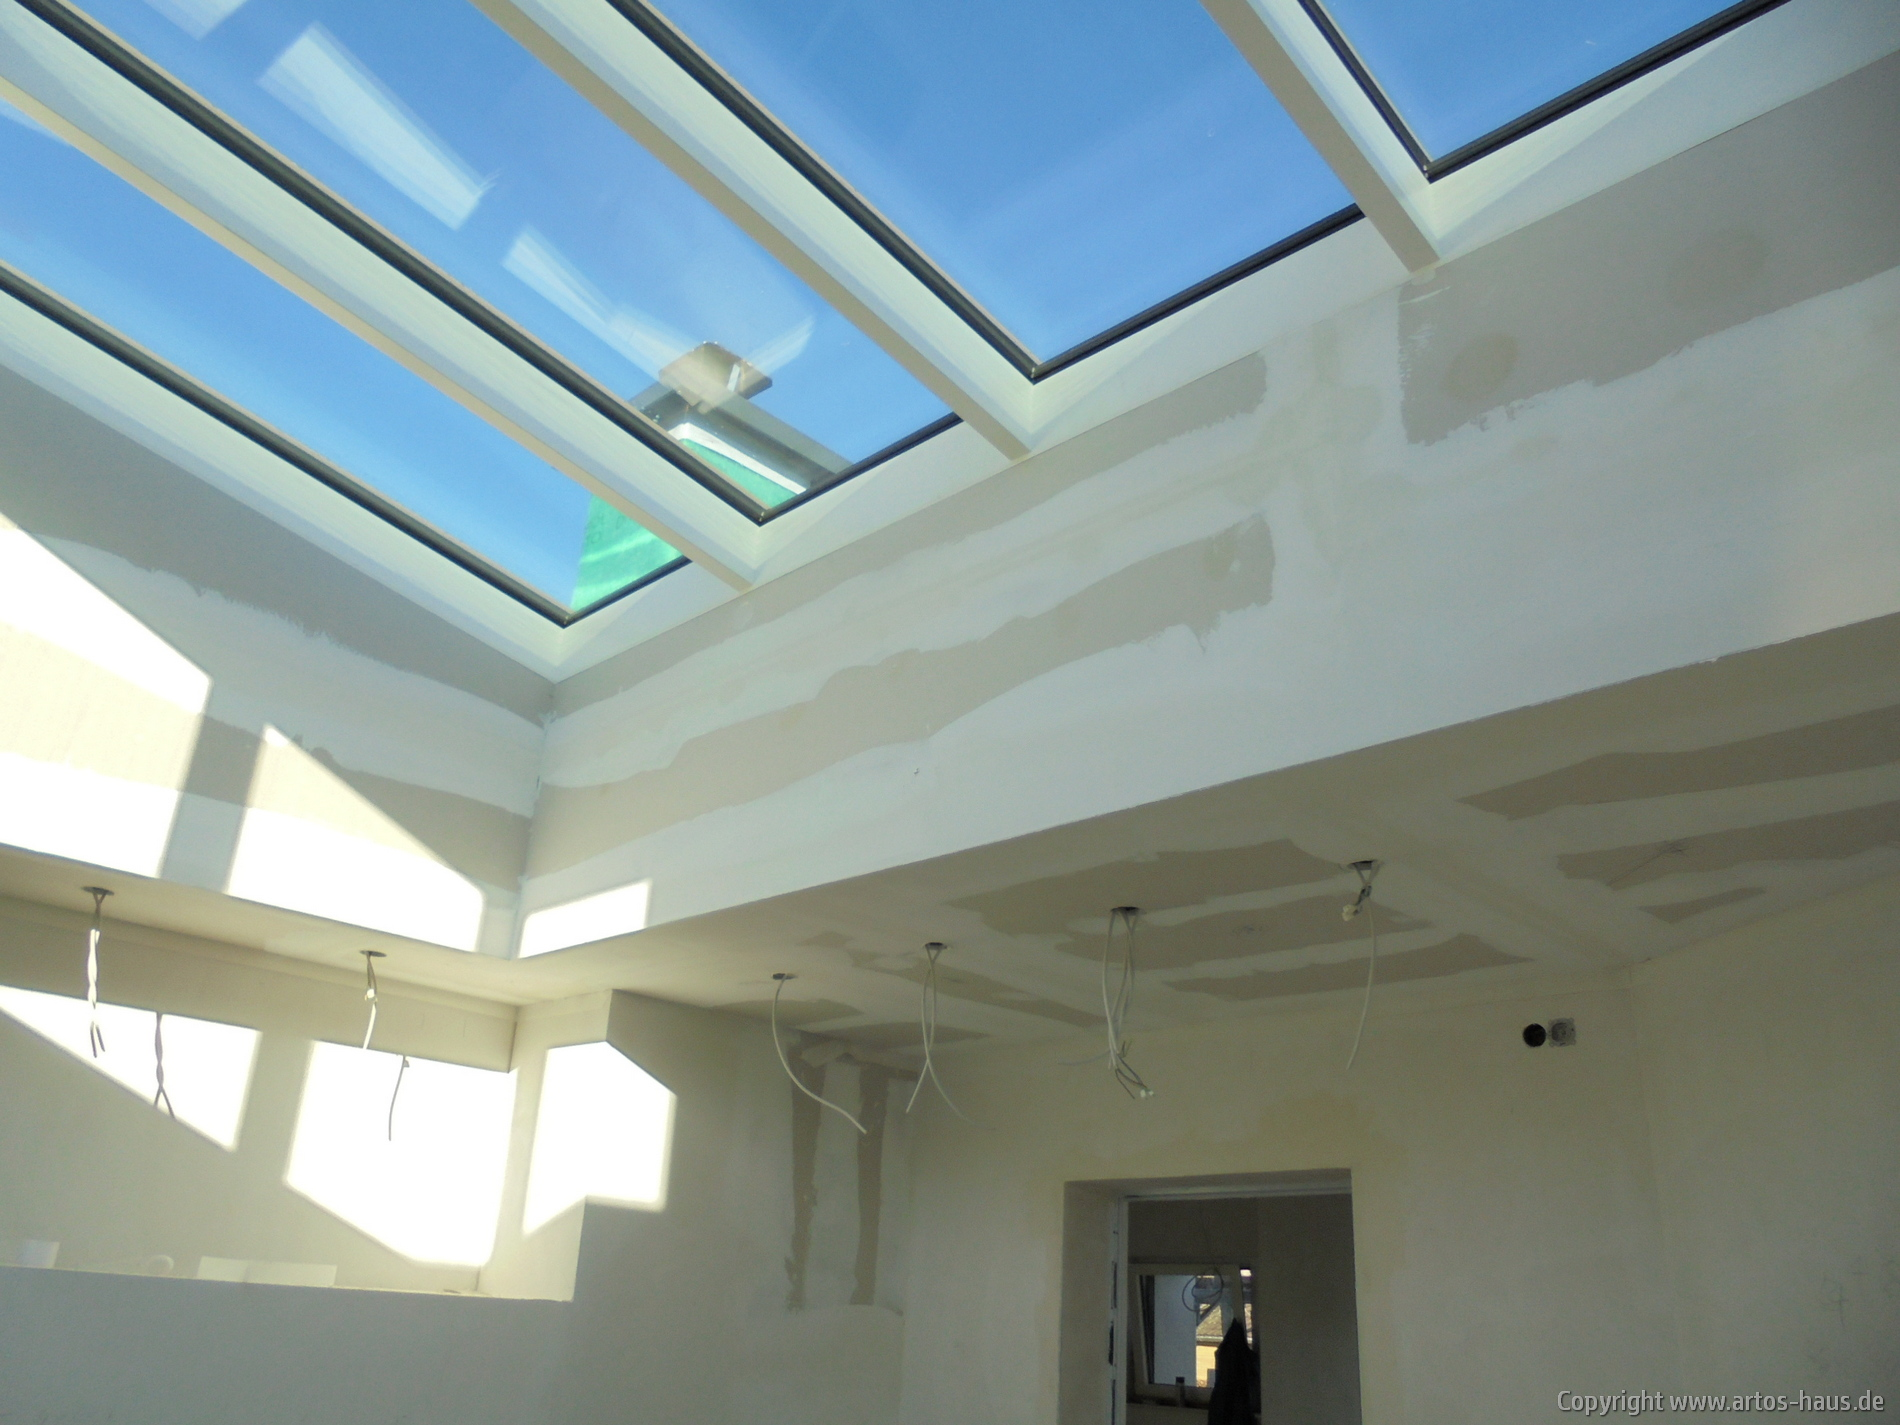 Verkleidung der Flachdachfenster | Bauvorhaben ARTOS HAUS | Bild 2